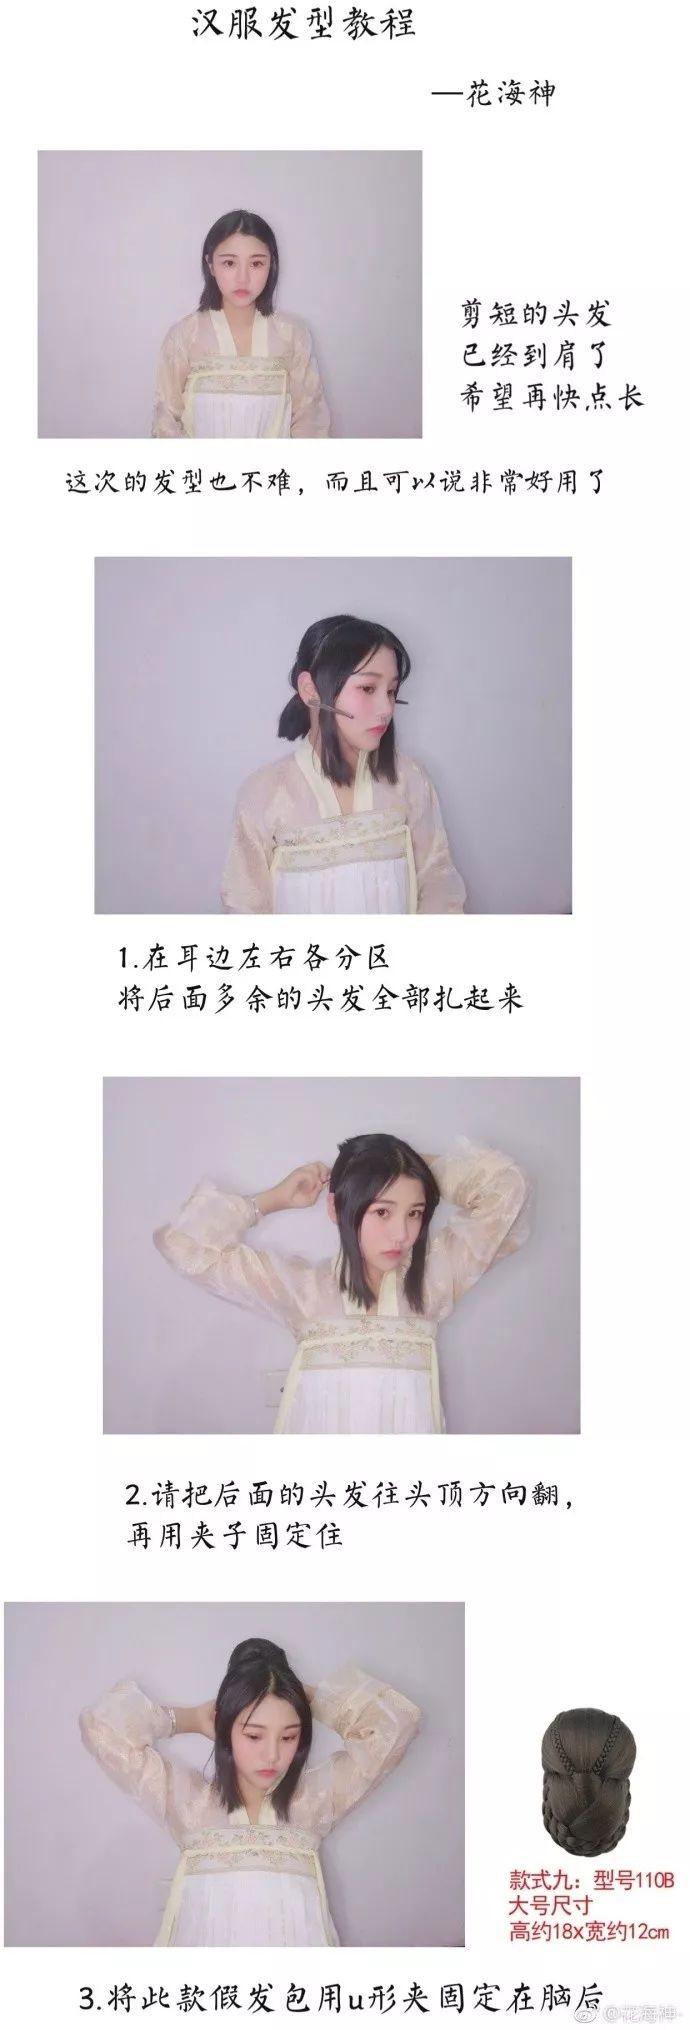 【汉服发型】夏日必备短发发型教程-图片1